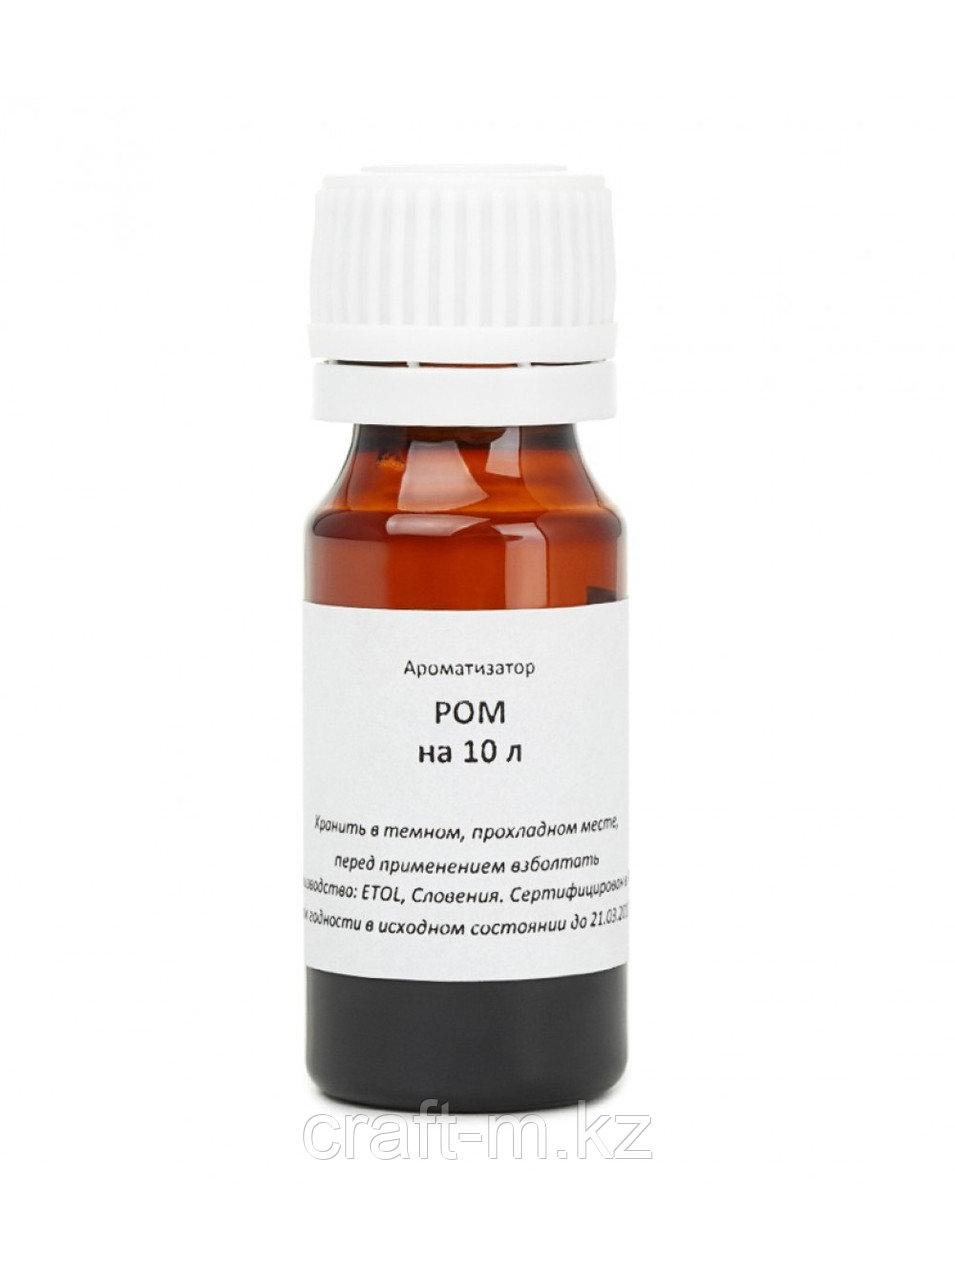 Ром ароматизатор на 10л